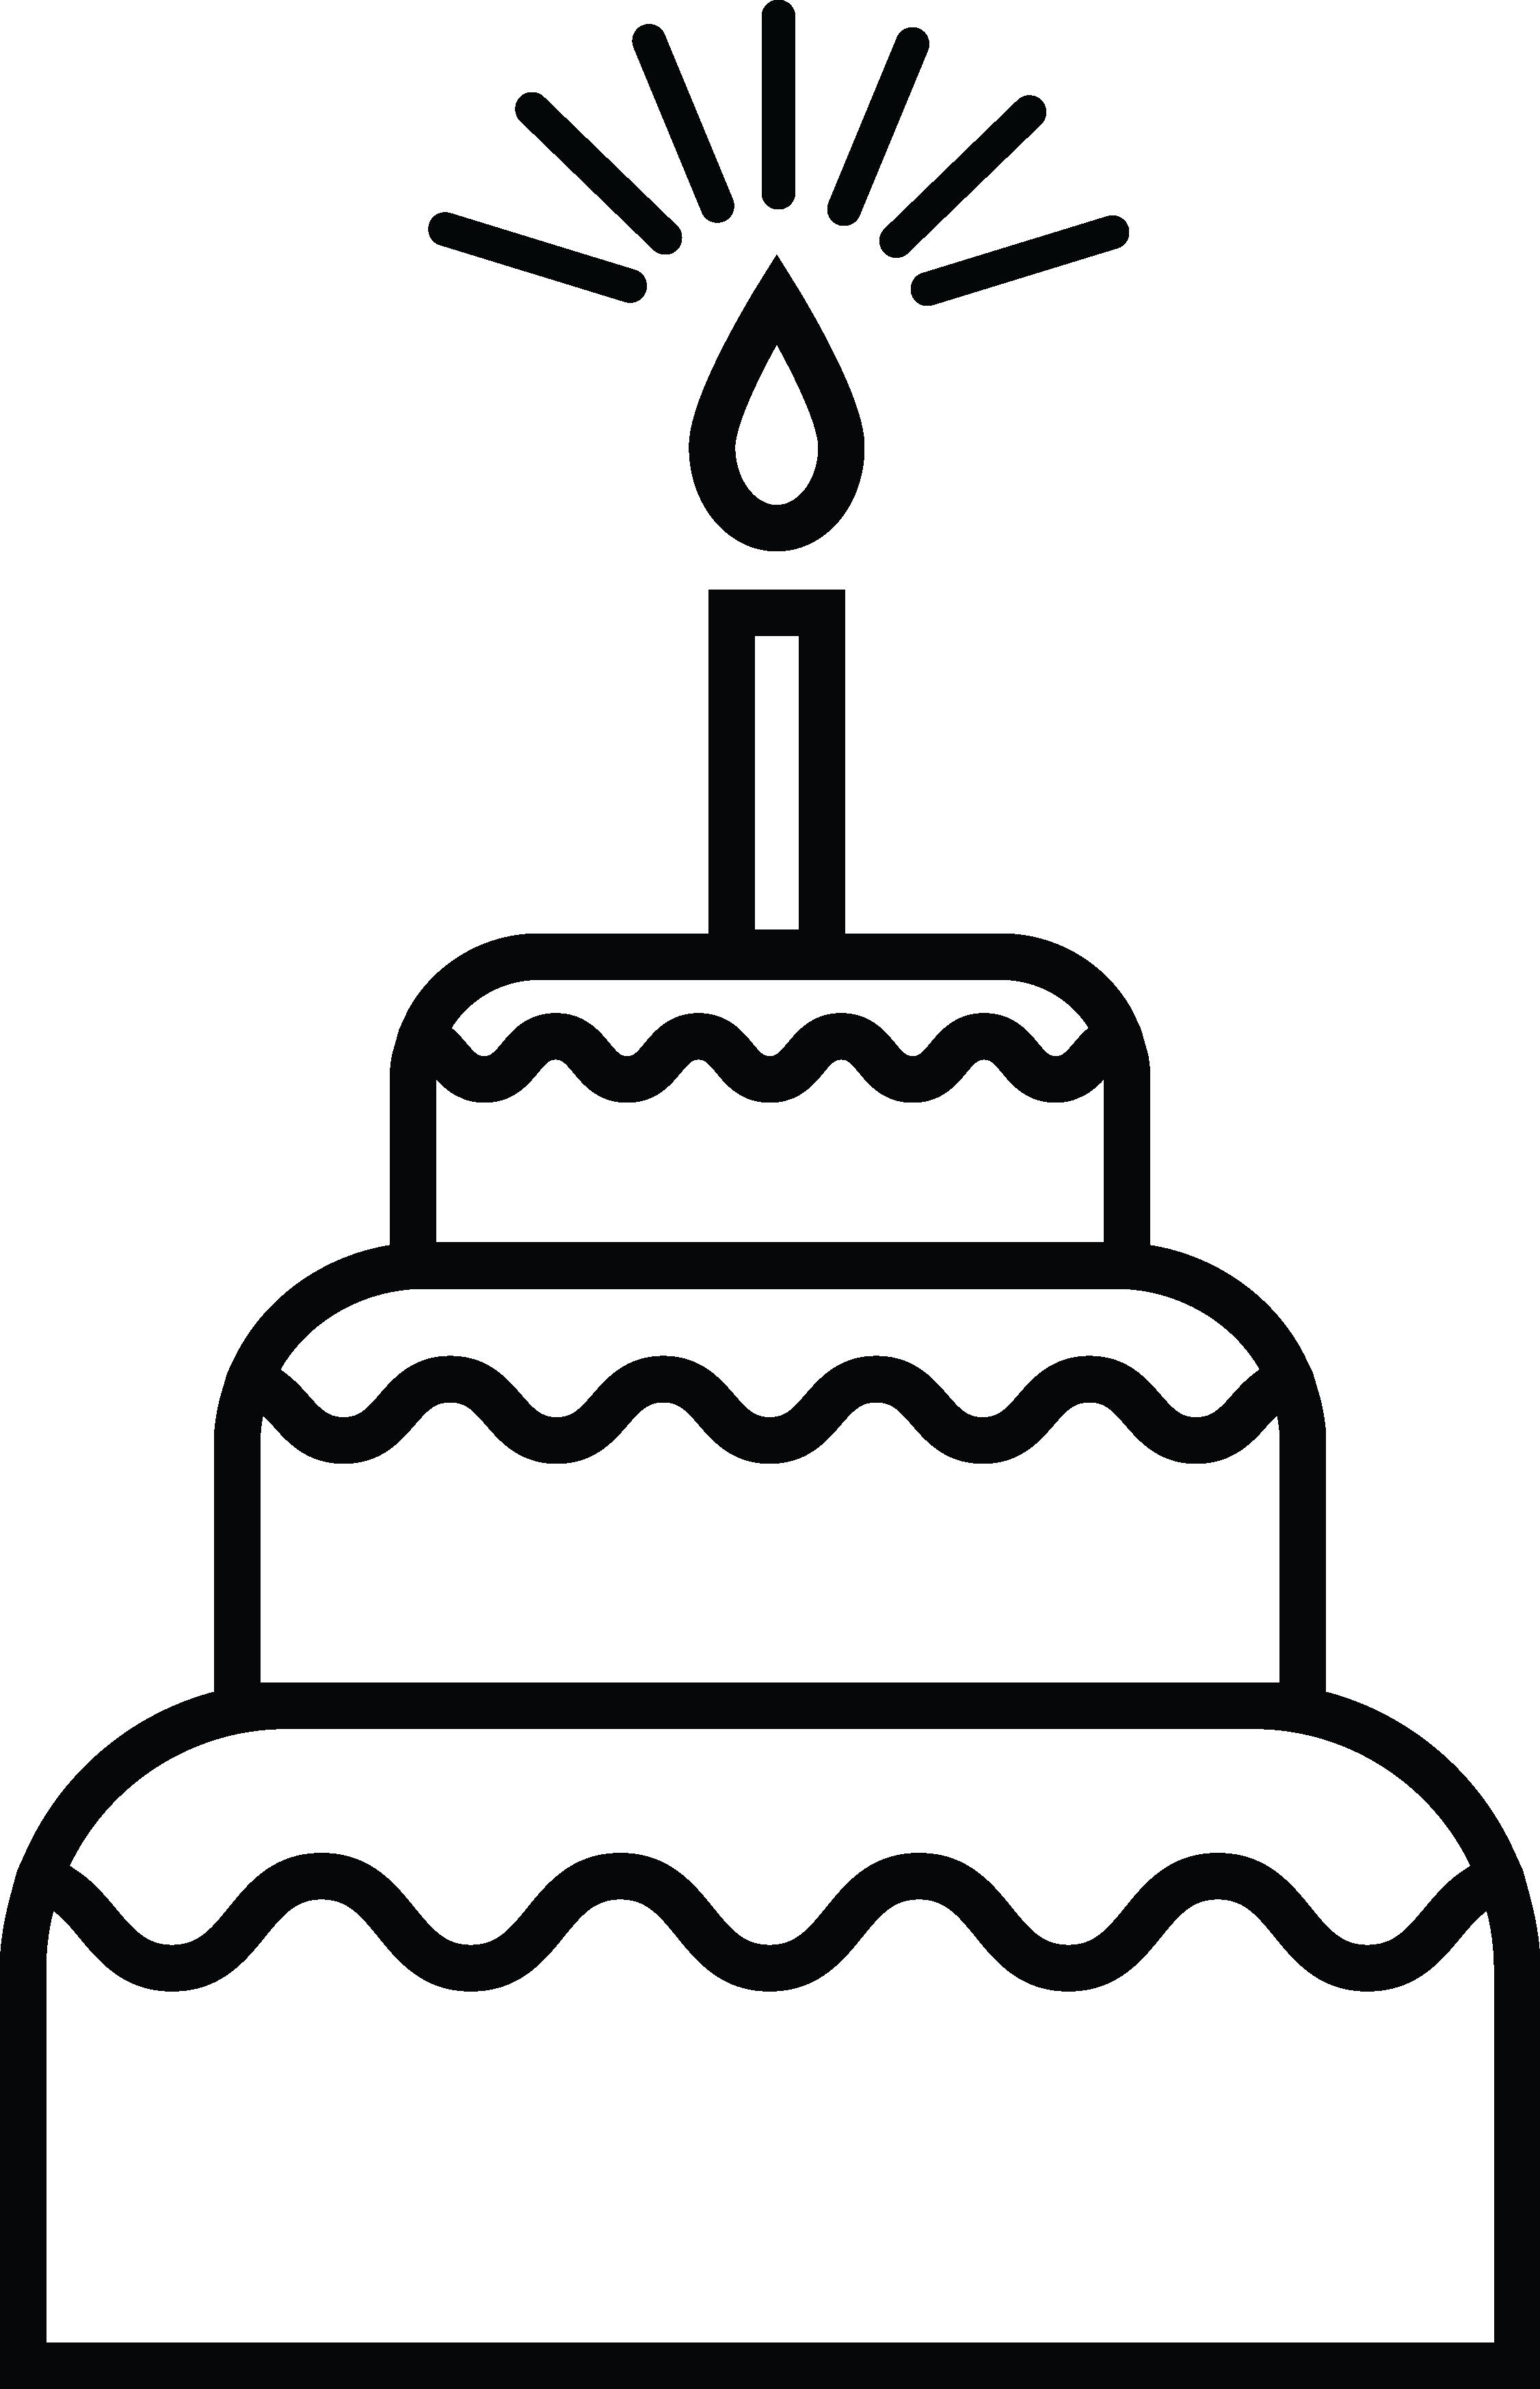 케이크 Png 무료 다운로드 Cake Png Urbanbrush